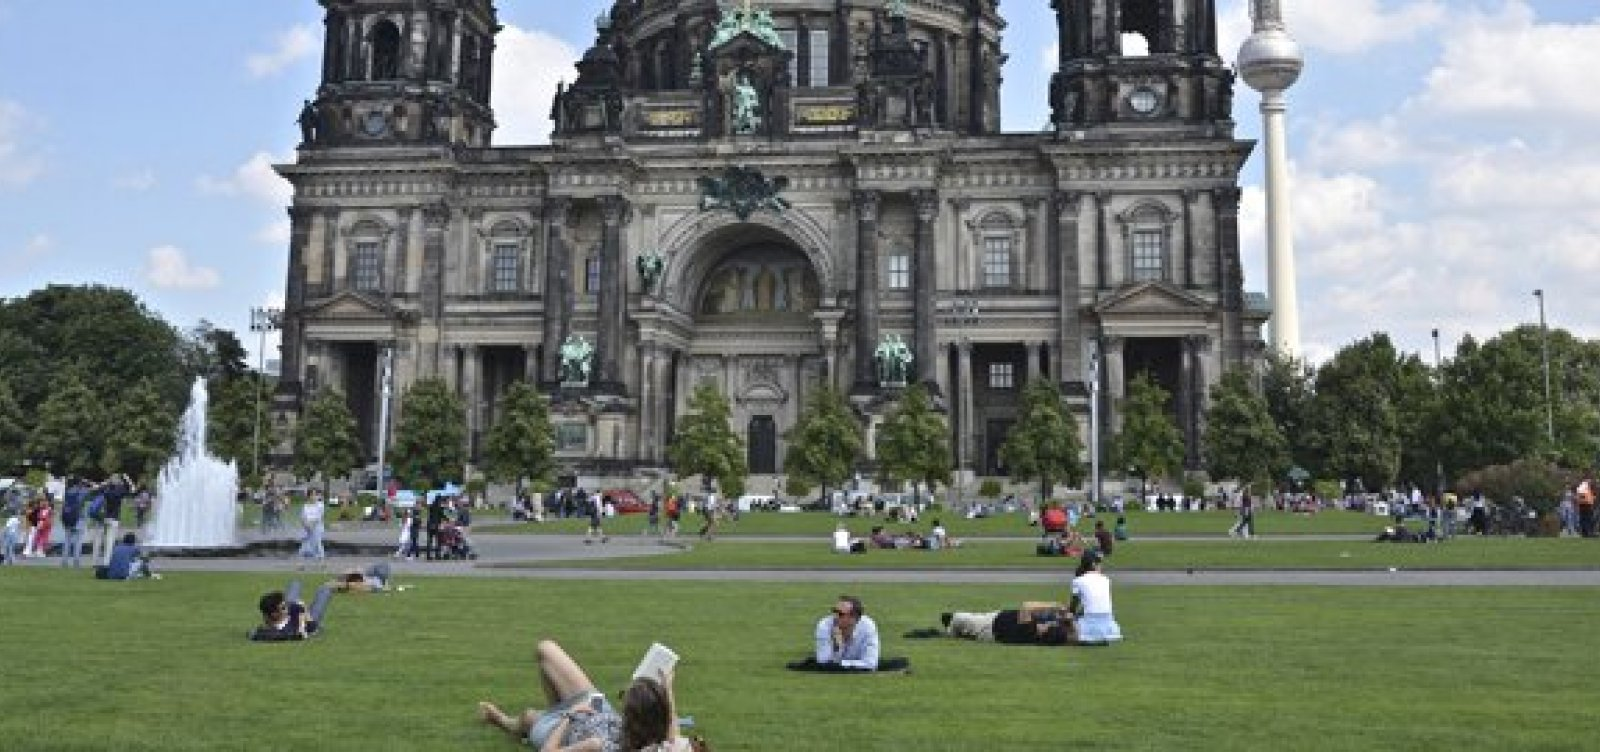 Governo da Alemanha anuncia 160 bilhões de euros para universidades